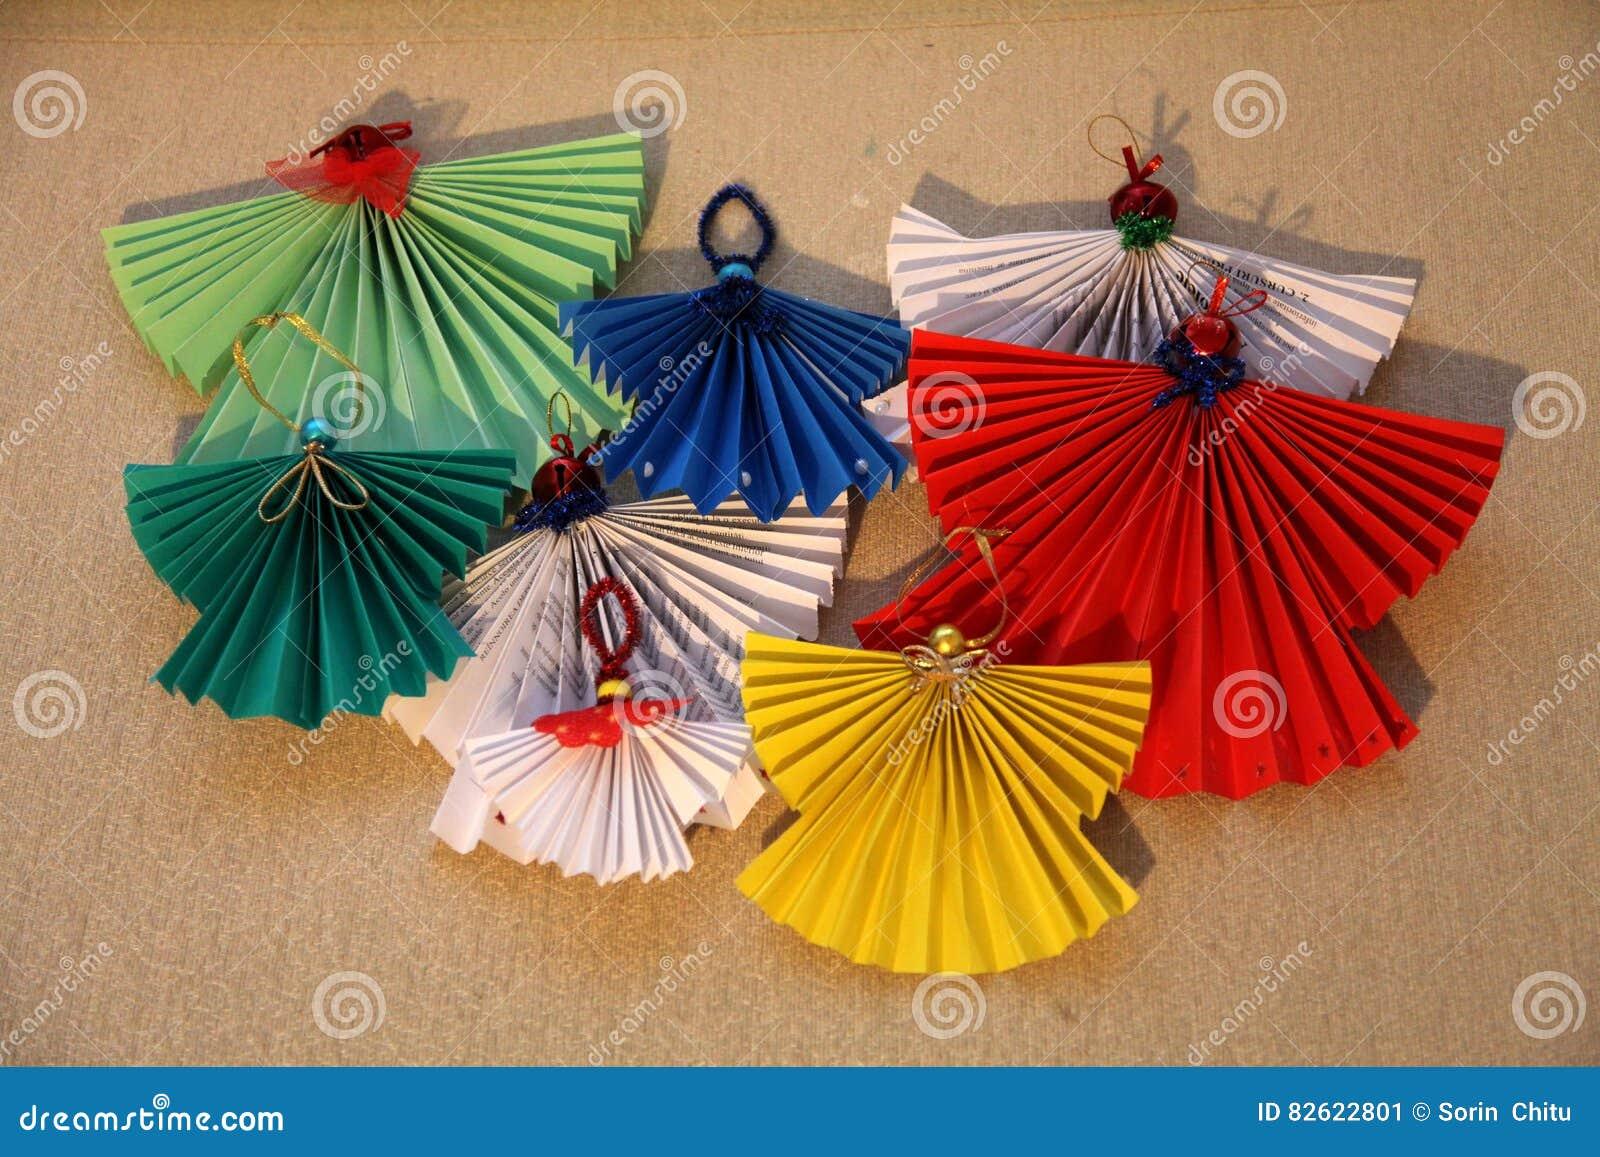 Angeli Di Carta Immagine Stock Immagine Di Angeli Verde 82622801